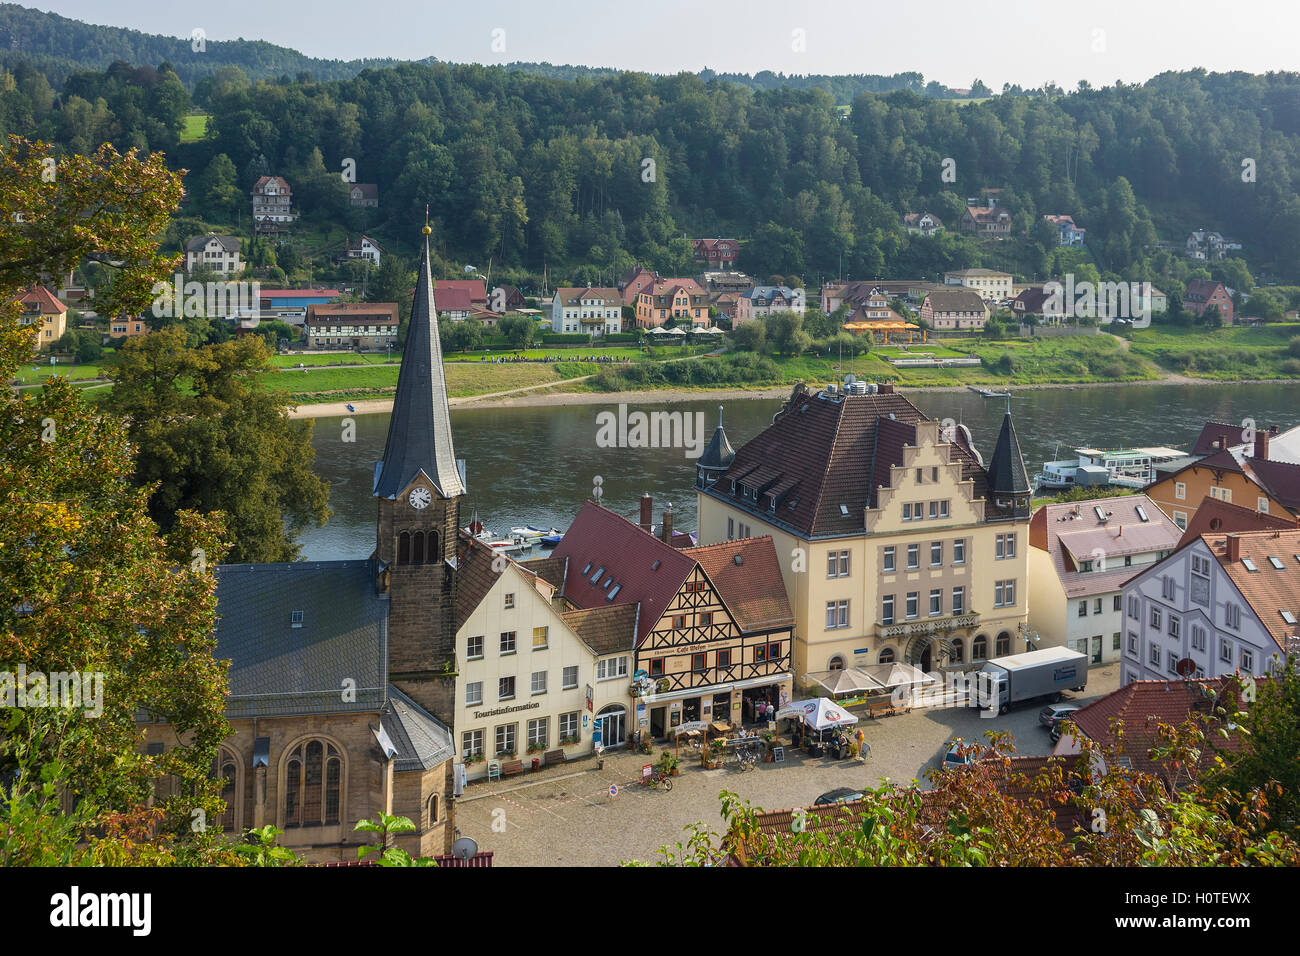 Deutschland, Sachsen, Stadt Wehlen & Fluss Elbe Stockbild